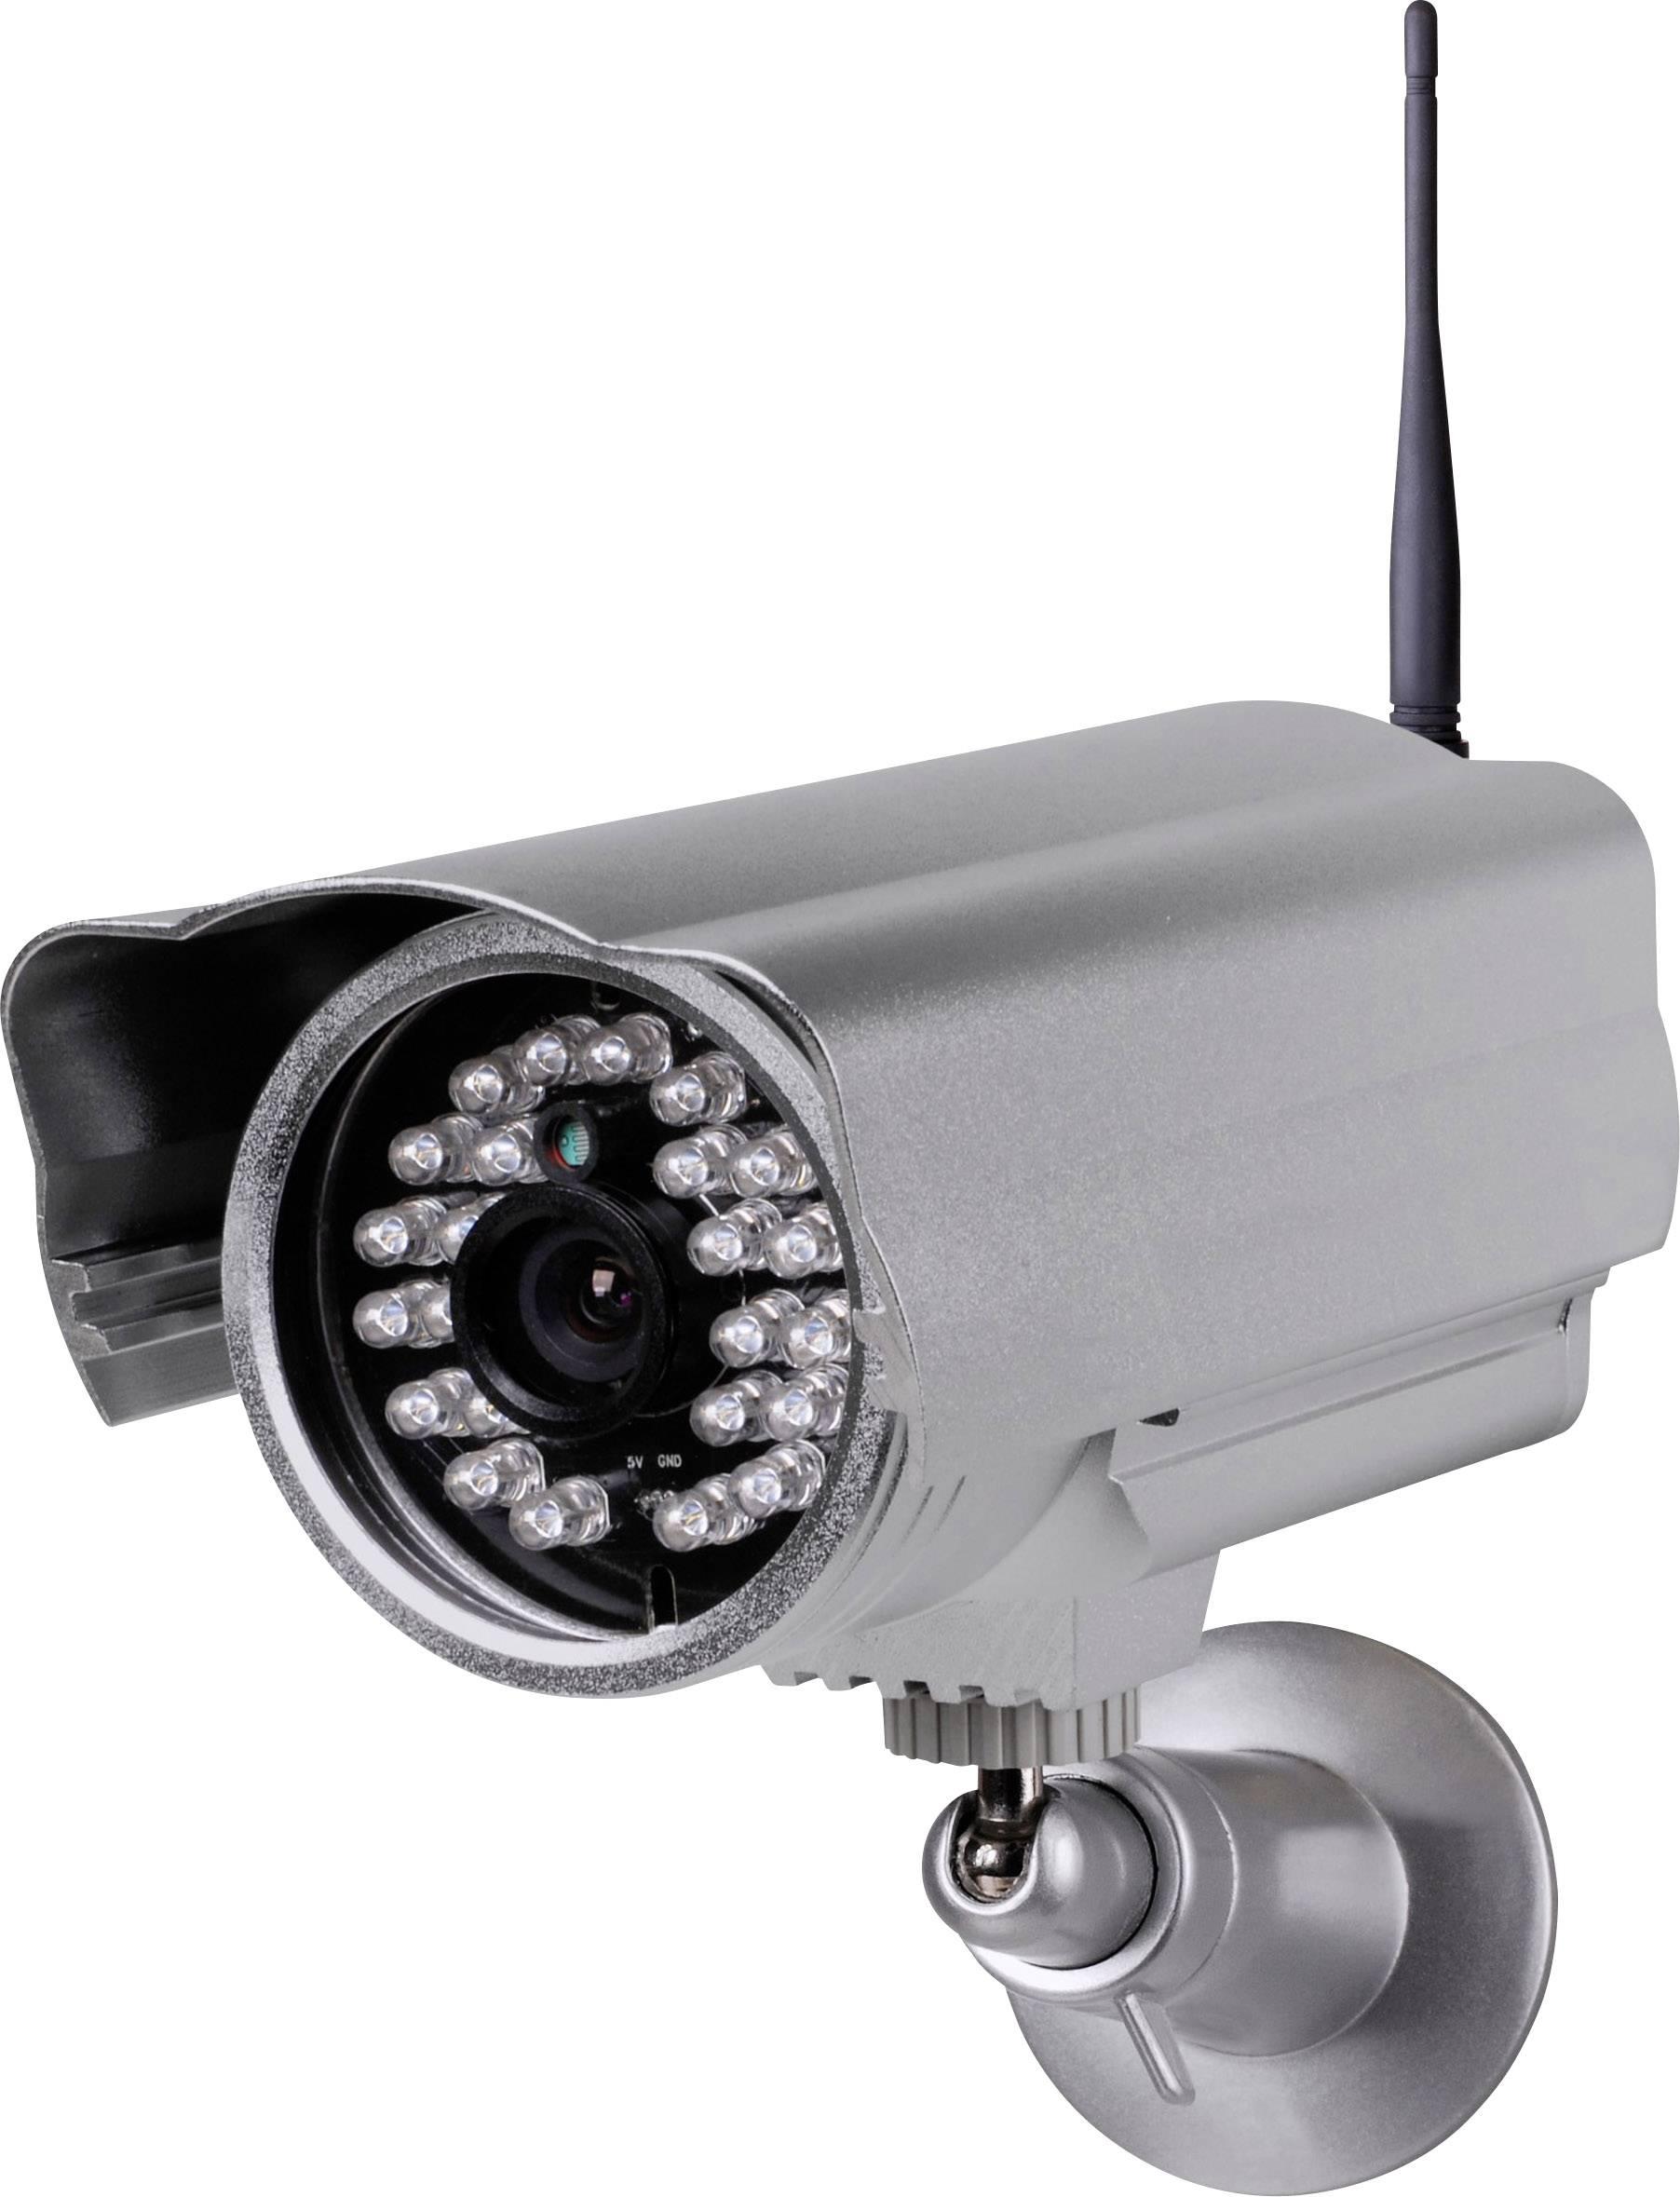 Bezpečnostní kamera Smartwares C903IP.2 SW, Wi-Fi, 640 x 480 pix